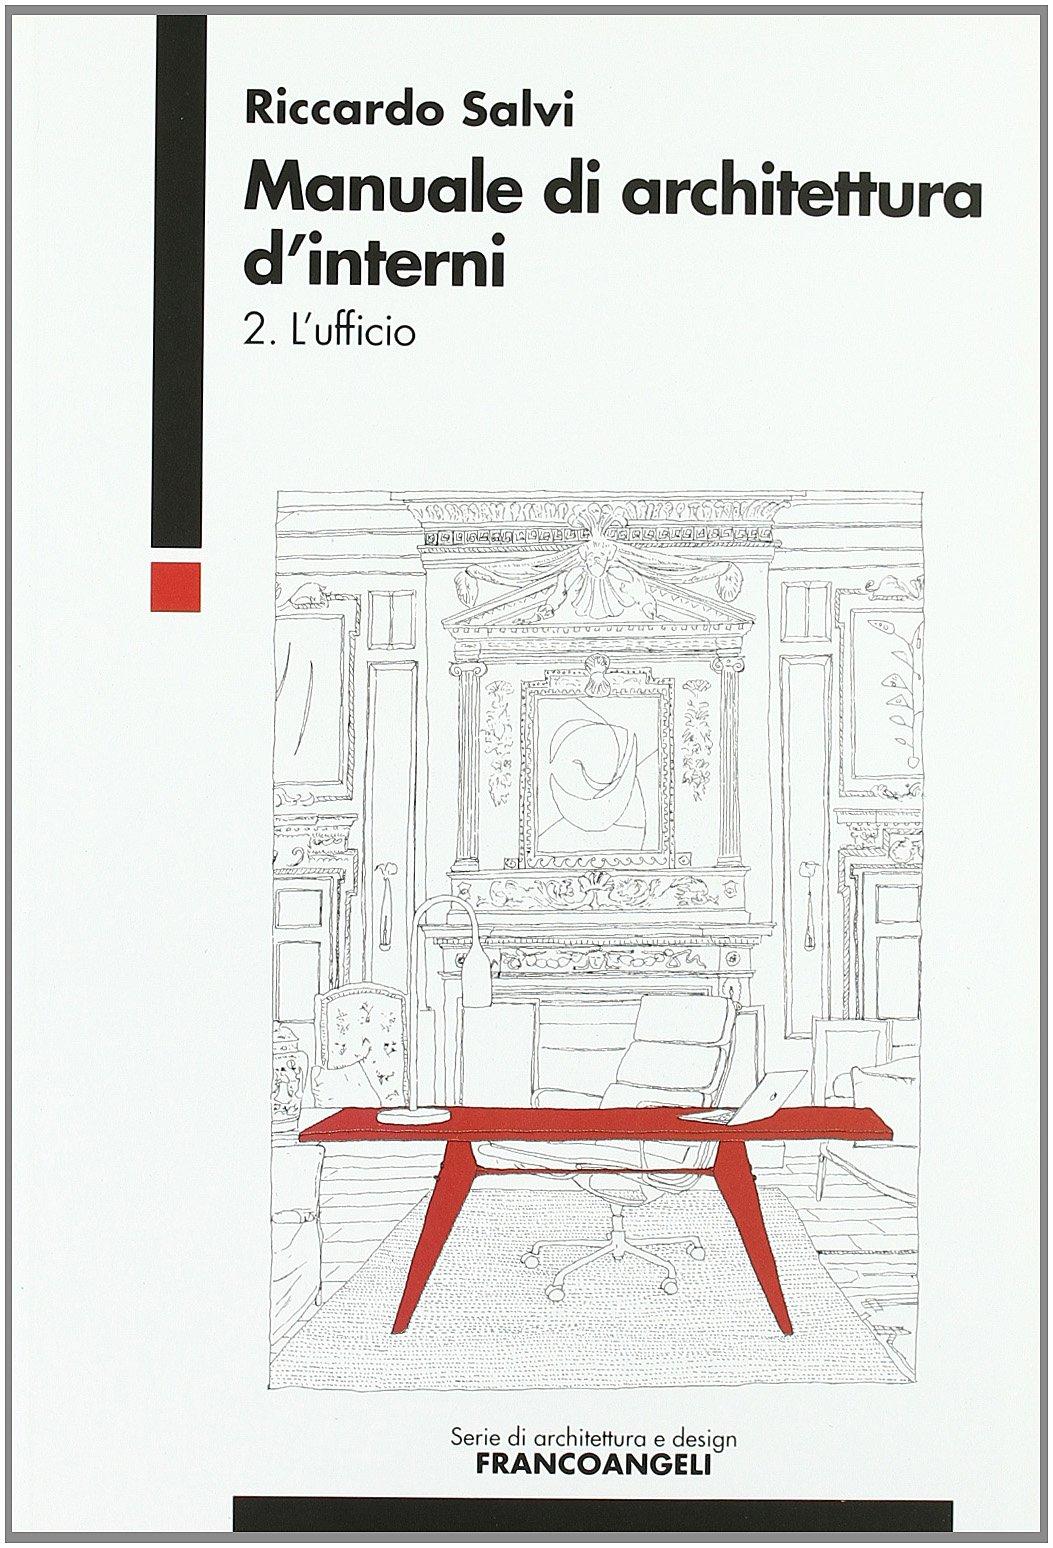 Architetto d interni progetti di disegni di duinterni - Architetto d interni ...